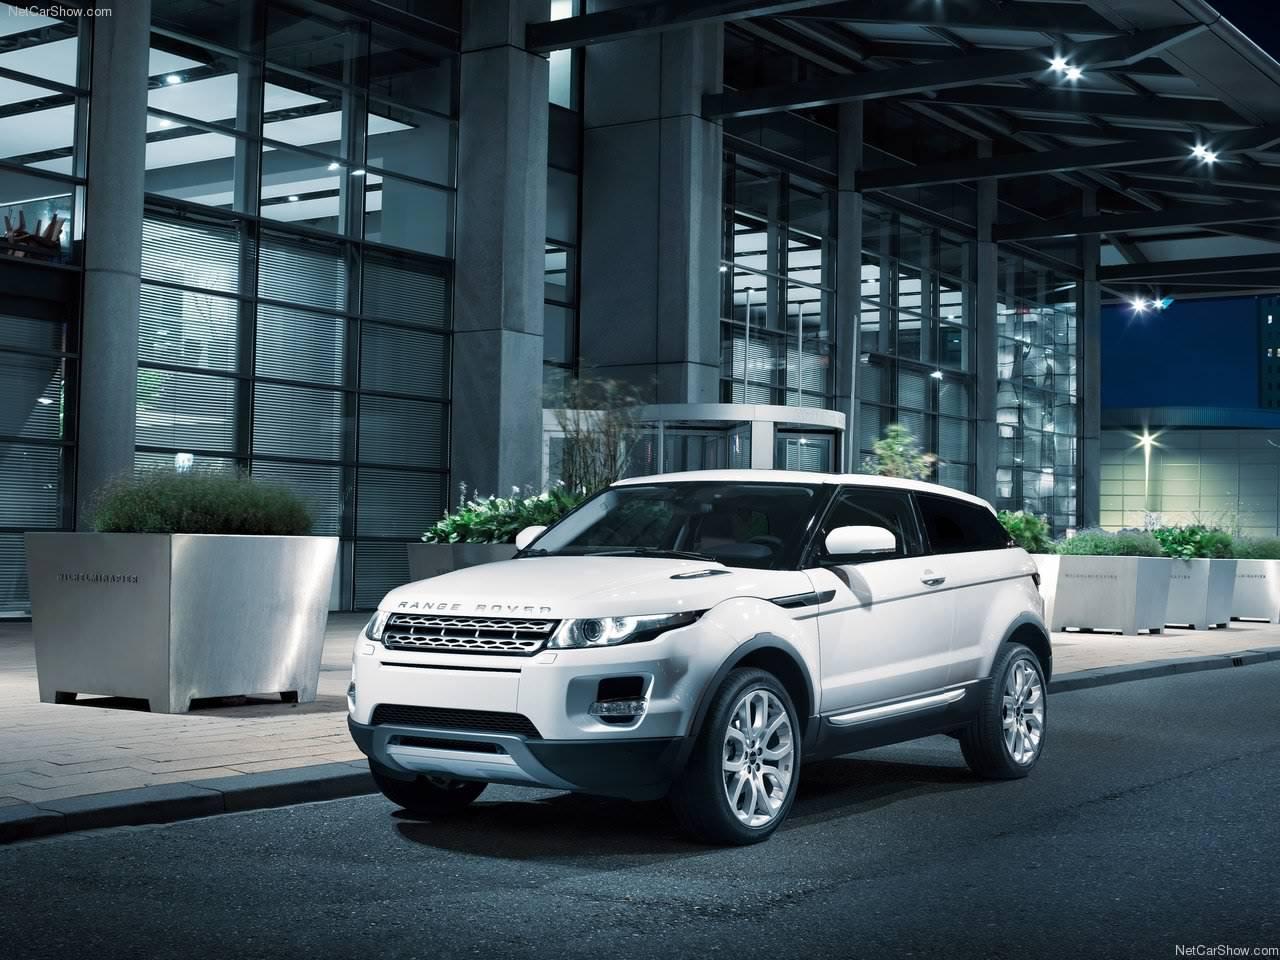 http://2.bp.blogspot.com/_lsyt_wQ2awY/TJsS8W0fA9I/AAAAAAACFQg/LWkLiTH-pOA/s1600/Land_Rover-Range_Rover_Evoque_2011_1280x960_wallpaper_04.jpg